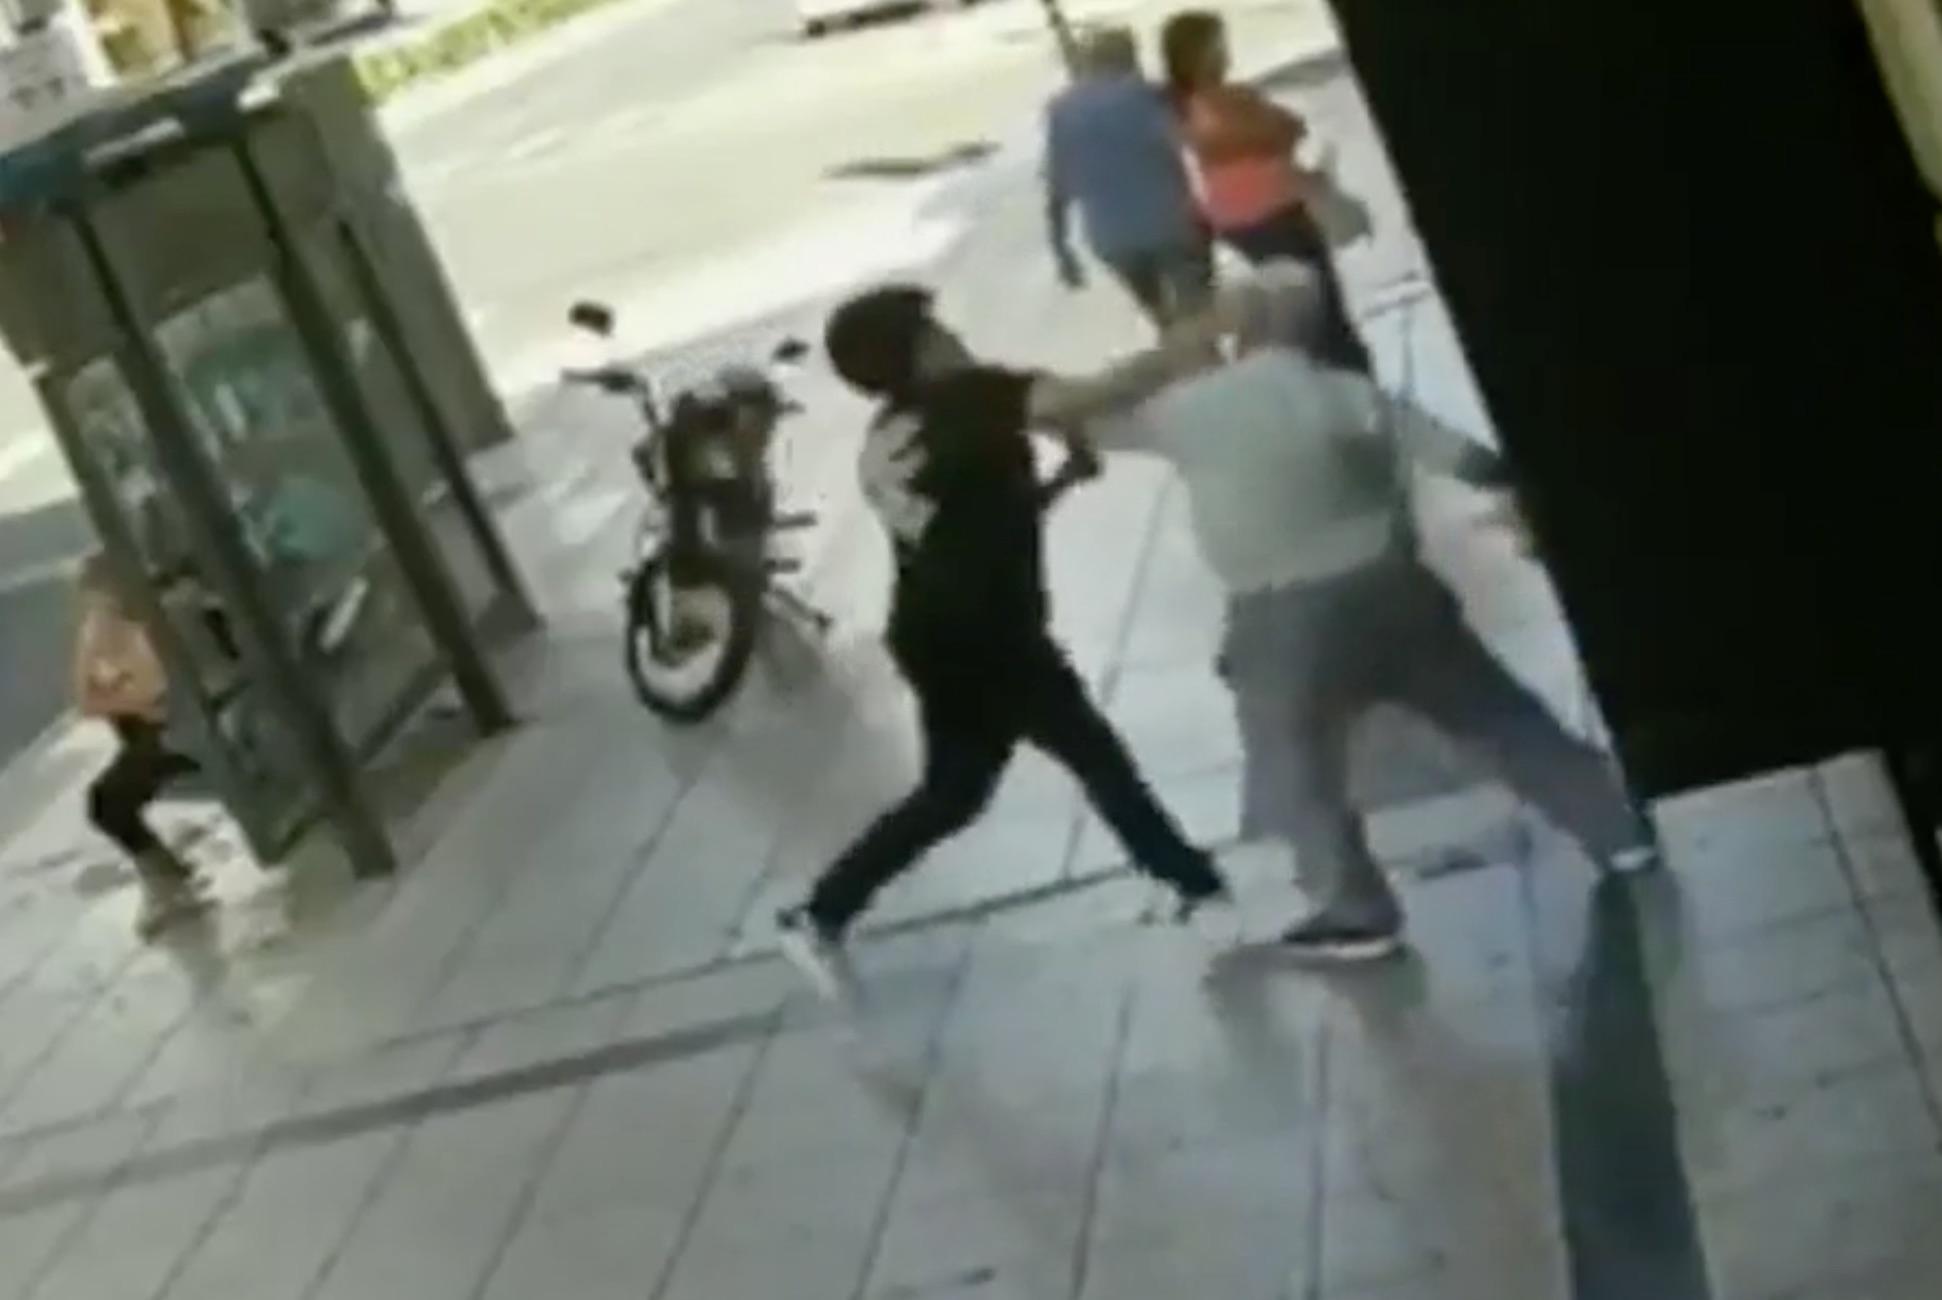 (VIDEO) Violenta pelea en Rosario: le pegó a un anciano, pero otro hombre lo vio y lo desmayó a trompadas